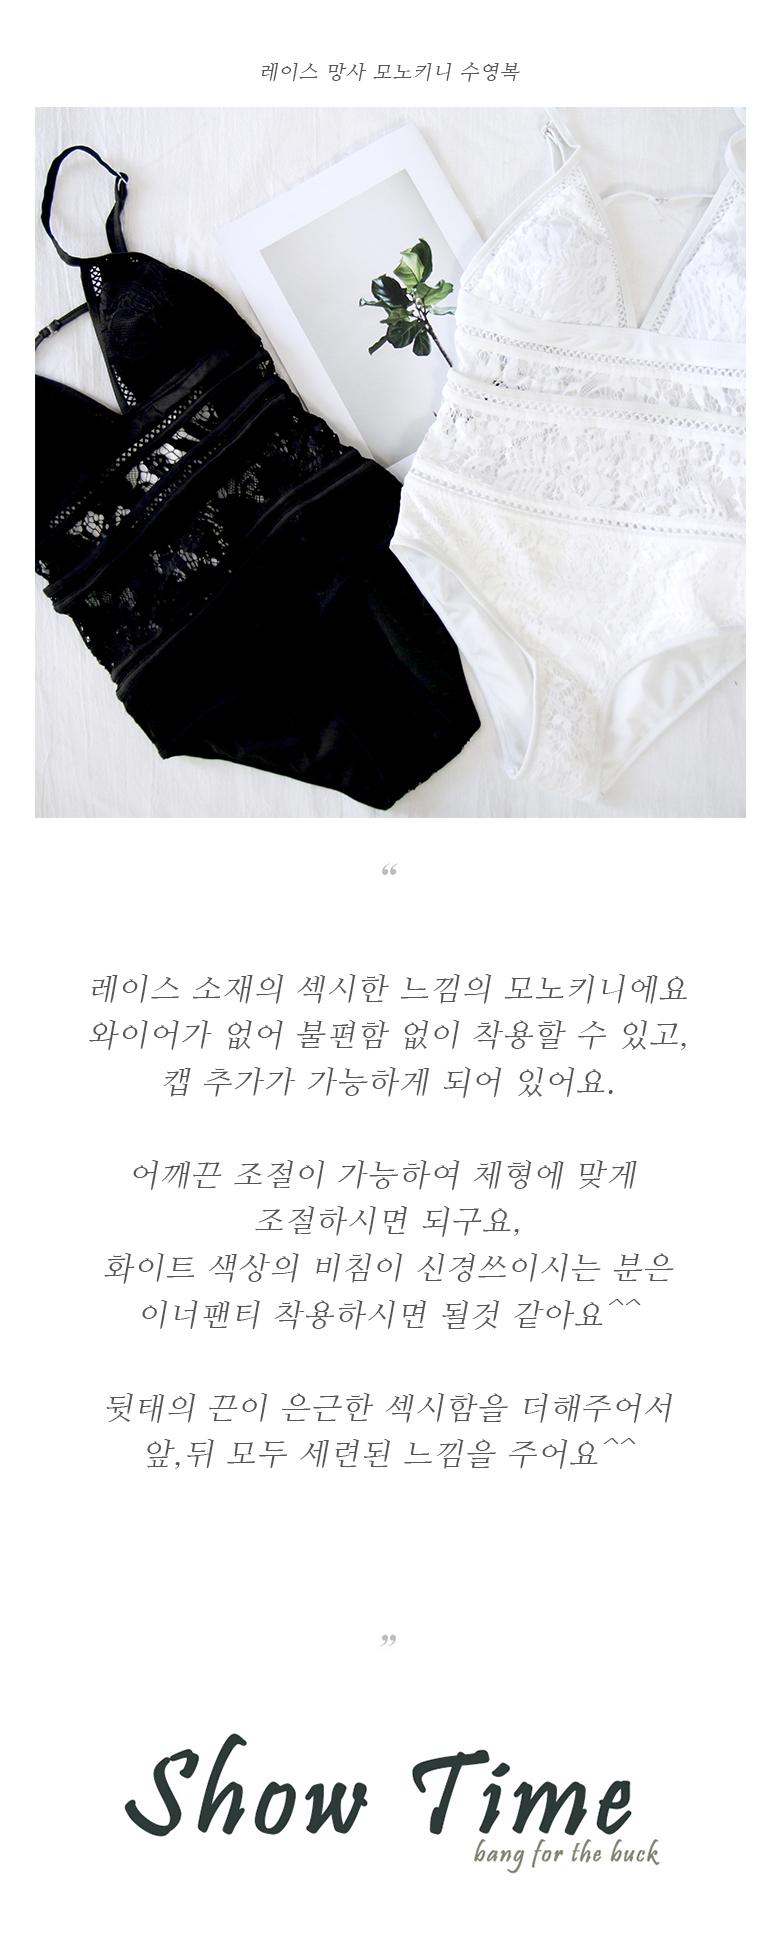 홀리 여성 레이스 망사 모노키니 수영복 (2color) - 홀리우먼, 22,900원, 여성비치웨어, 원피스